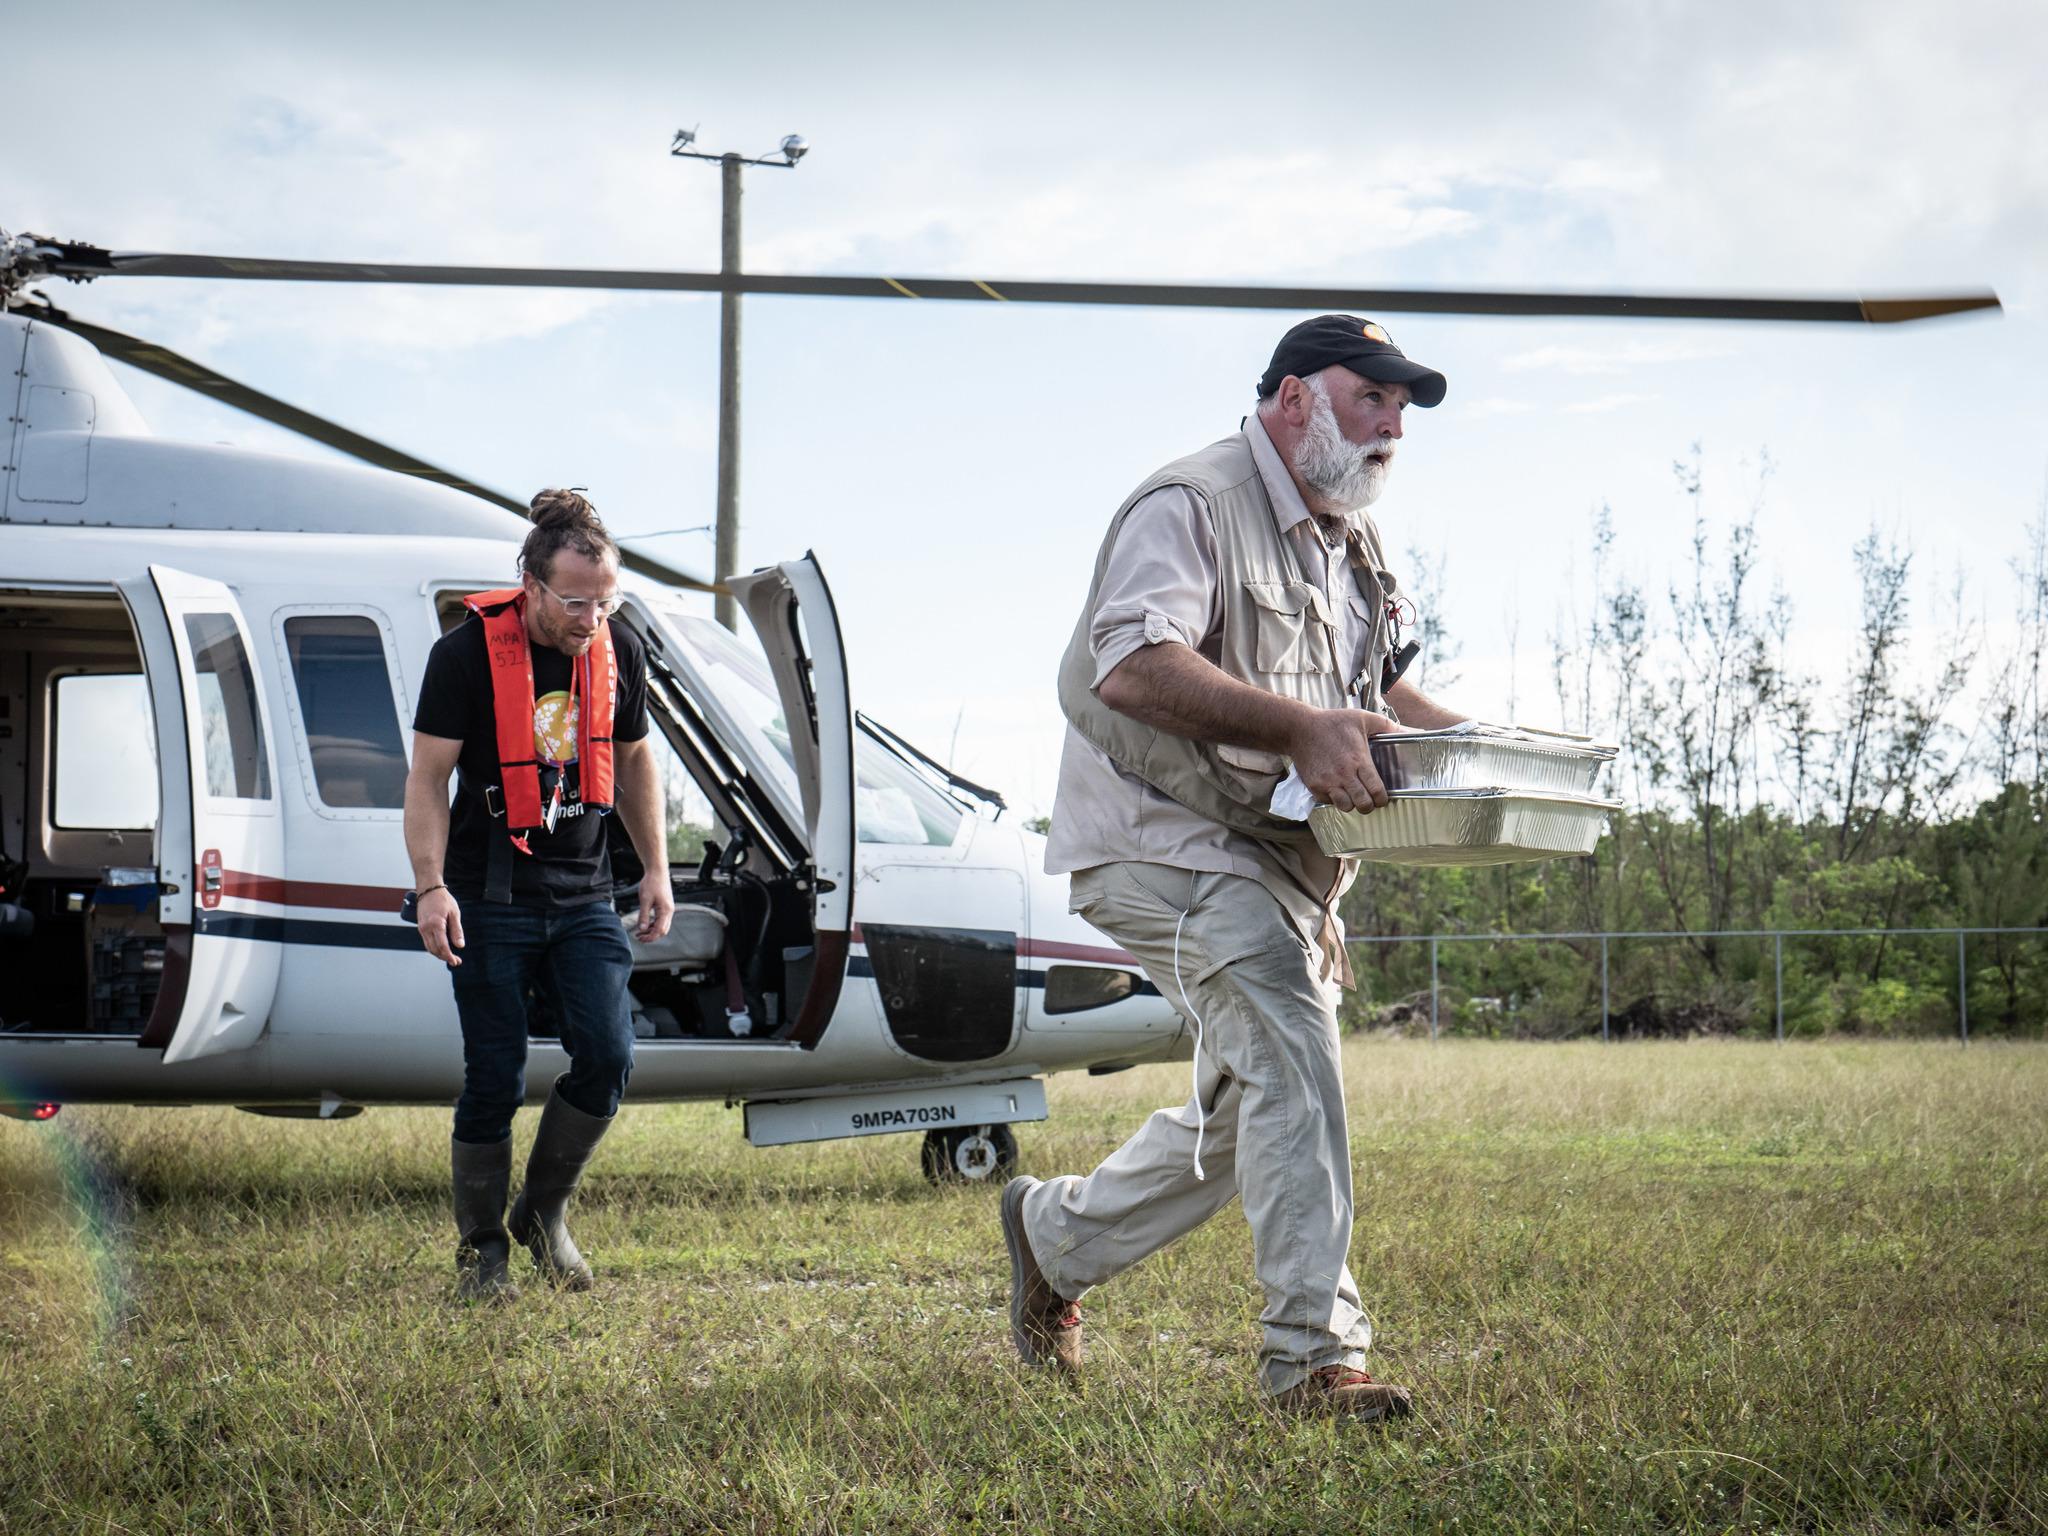 El chef aterrizando en Bahamas para repartir comida. Septiembre de 2019.